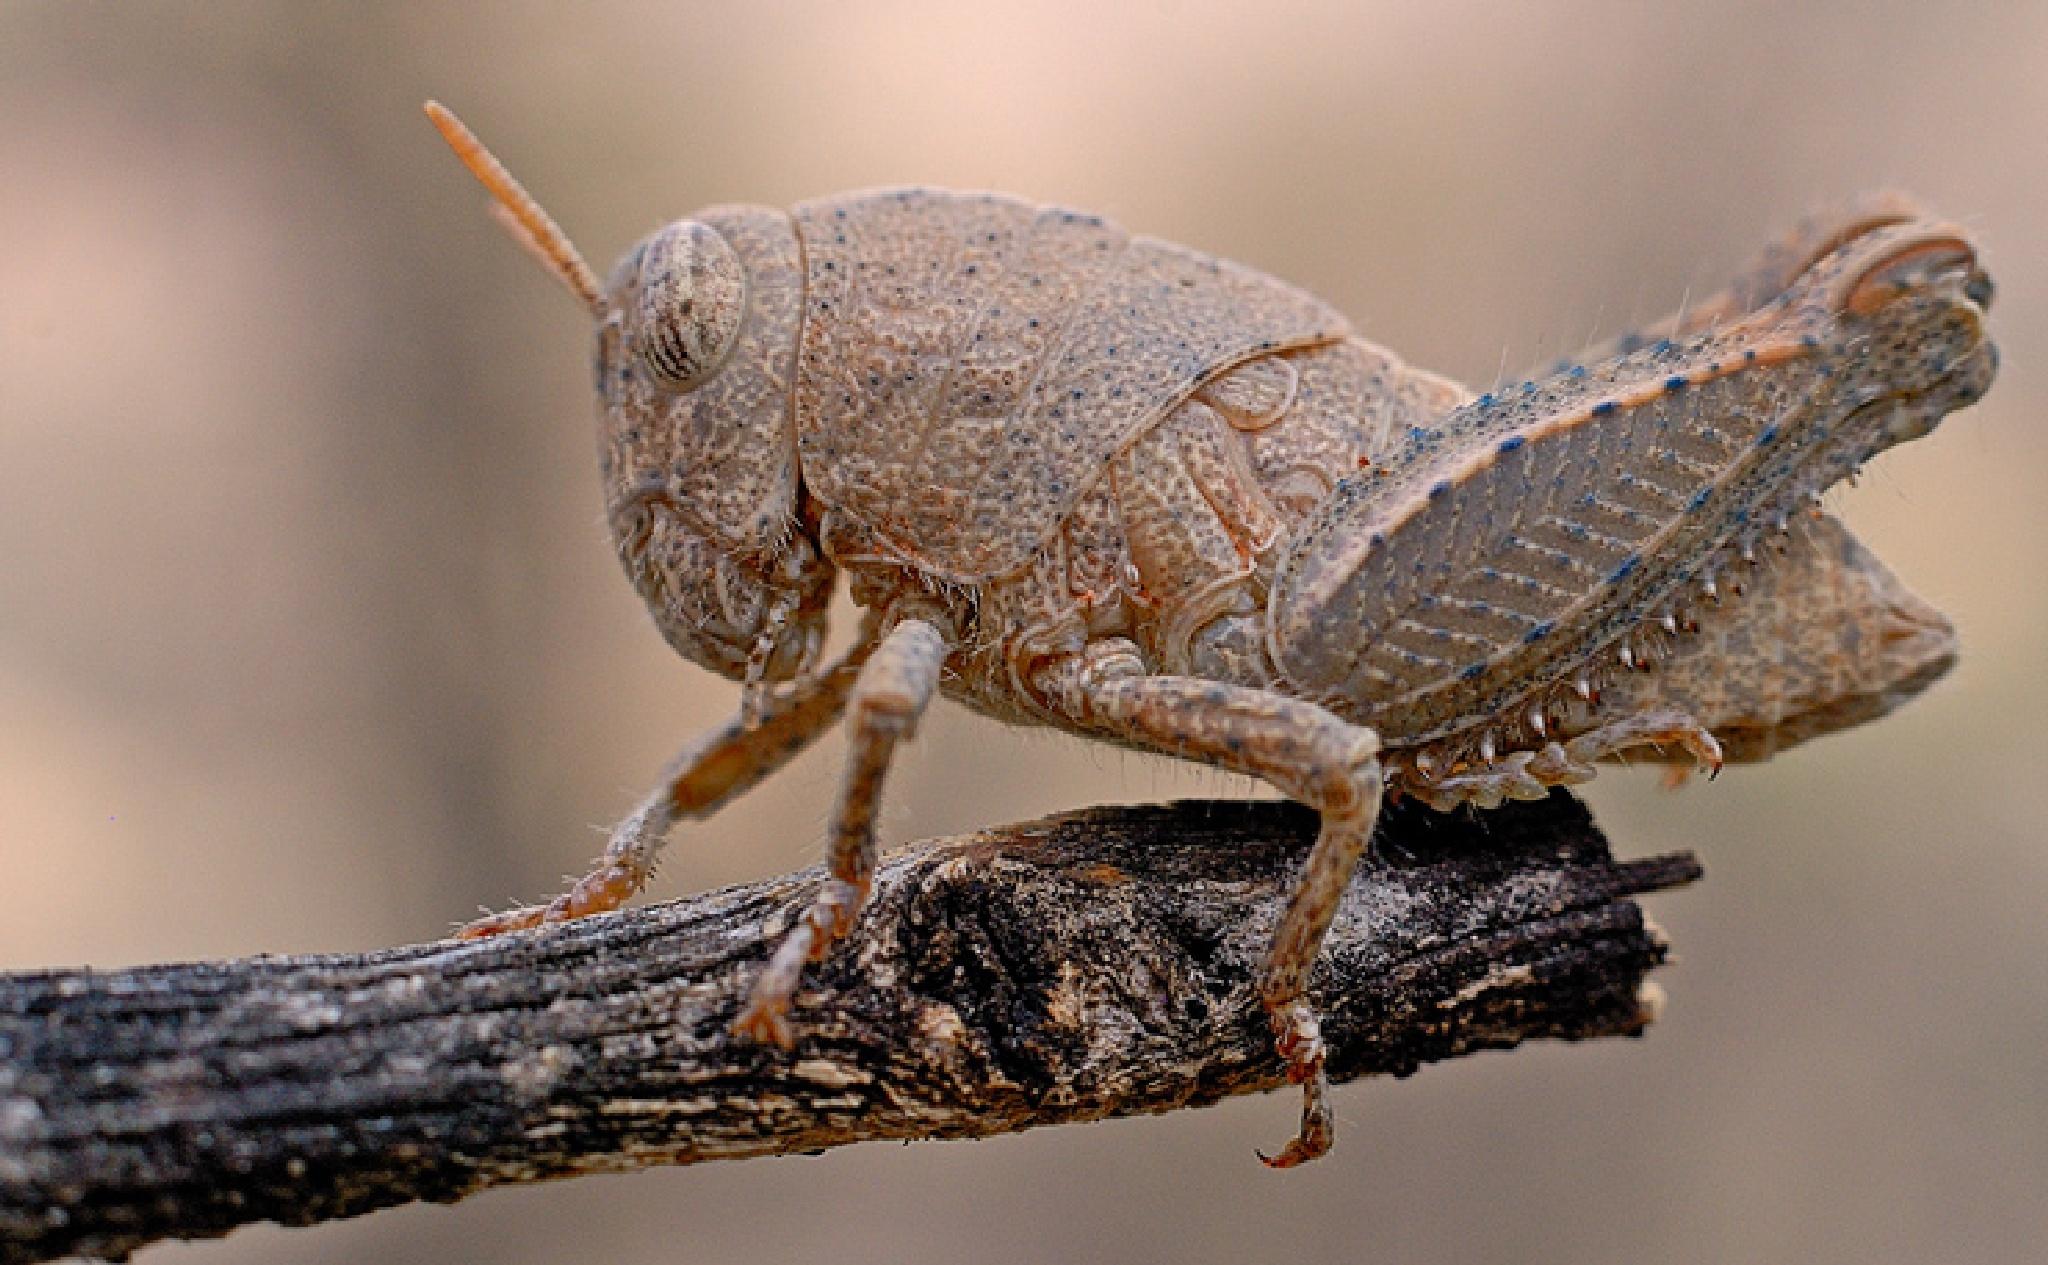 Grasshoper  by malekjmd10